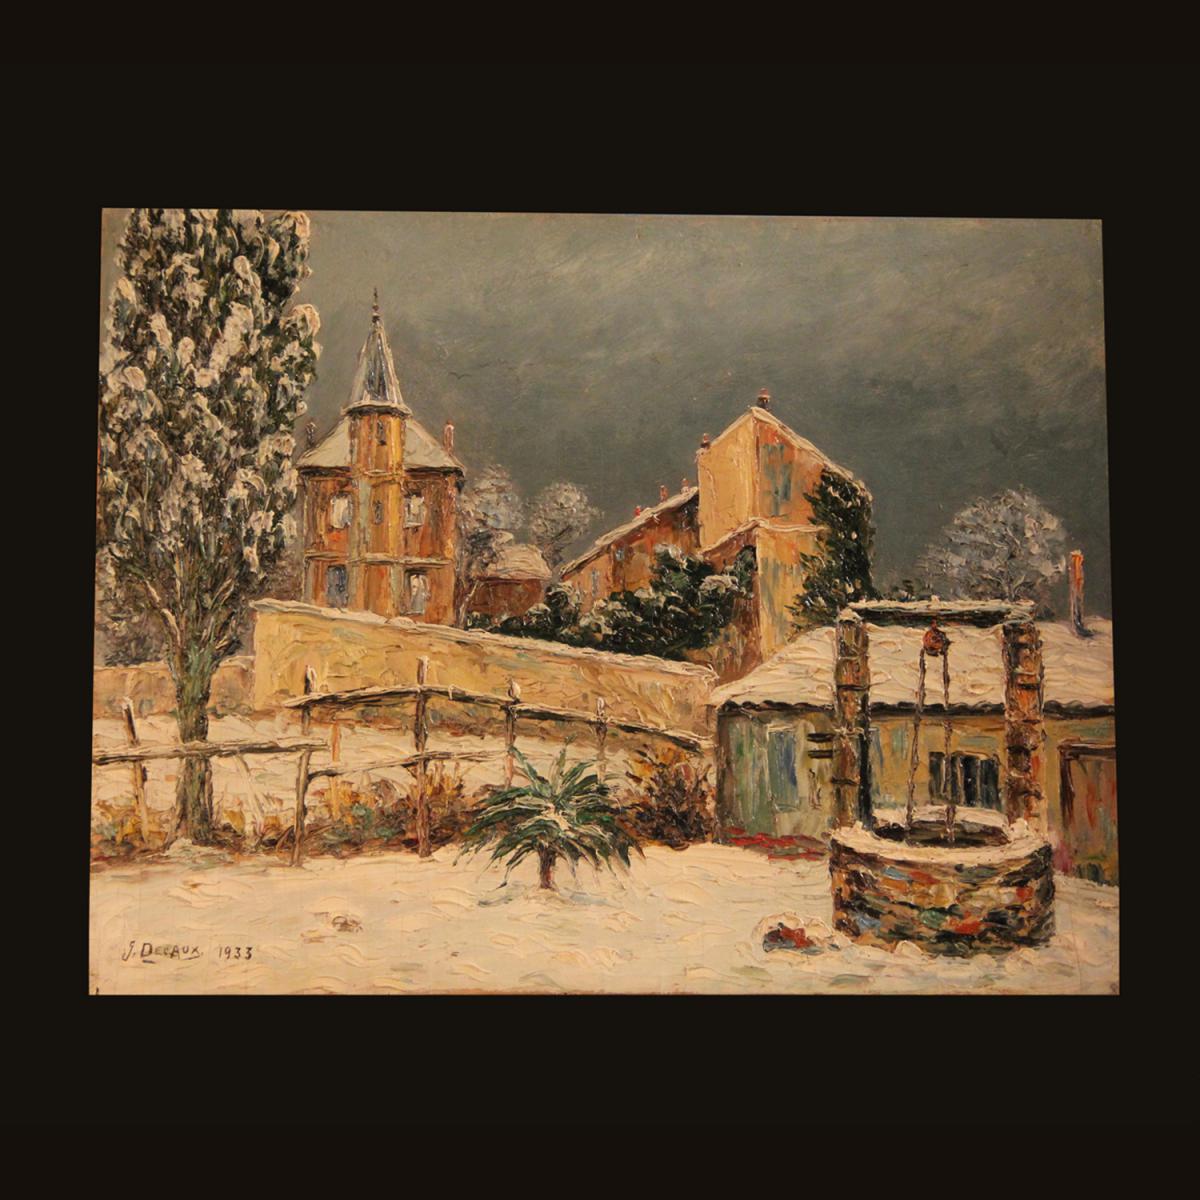 """Huile sur bois """"Paysage enneigé"""", signé G.Decaux, 1933"""